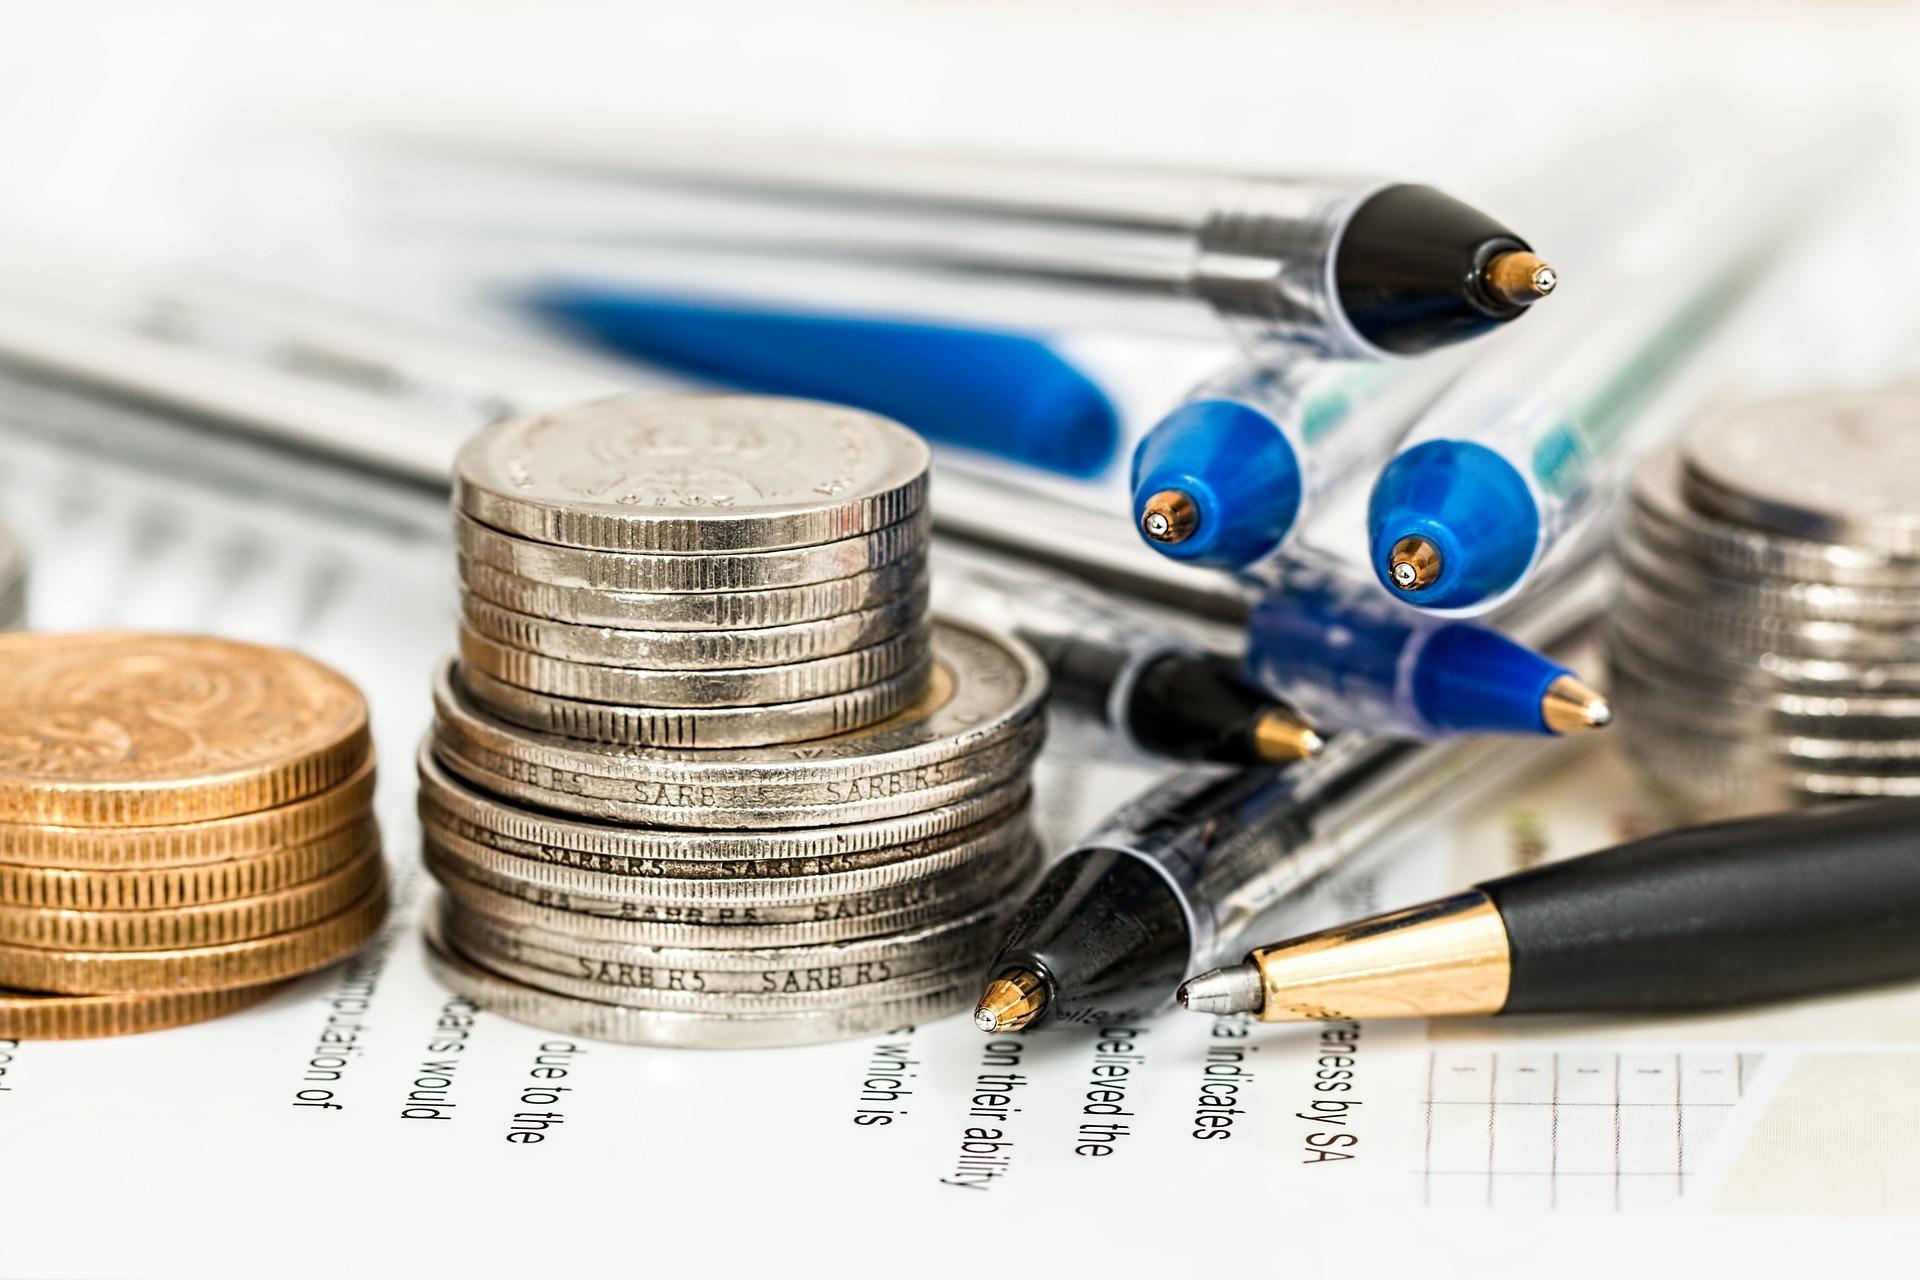 Billigkeitserlass bei fehlerhaften Rechnungen